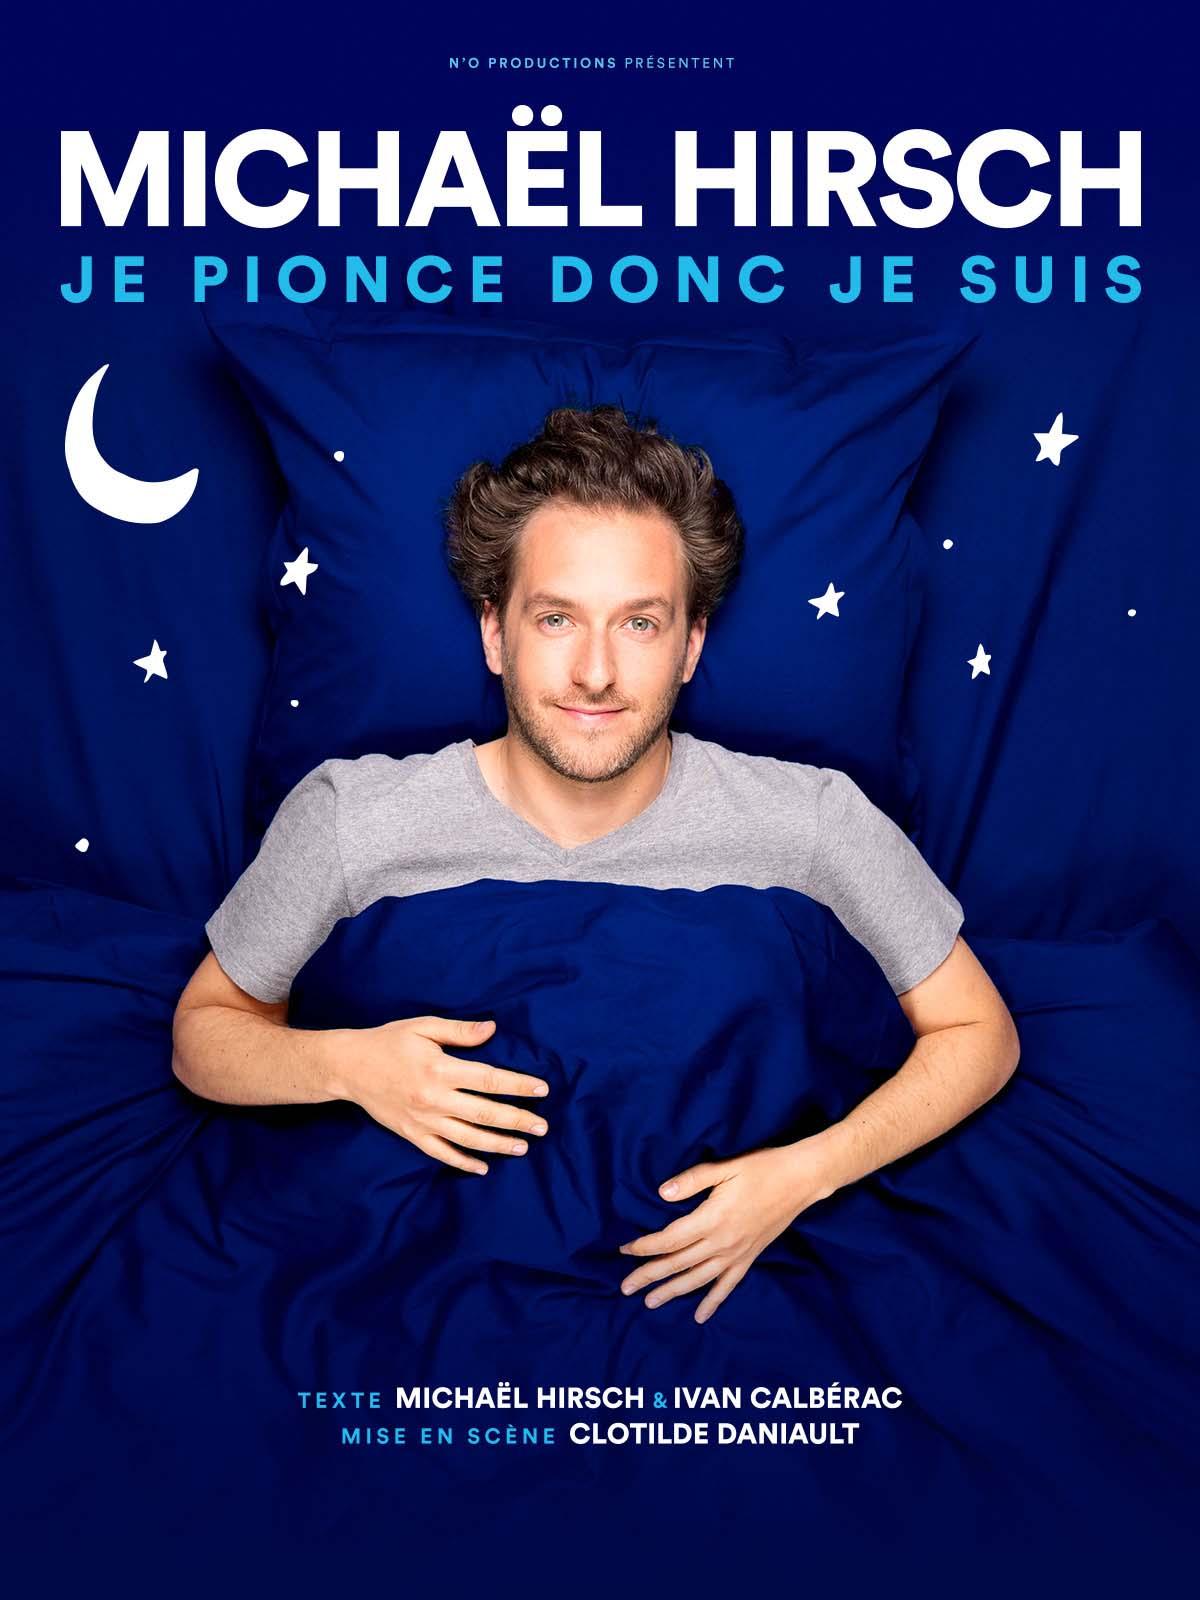 Michaël Hirsch-je pionce donc je suis-Affiche-Novembre au Théâtre avec Rosemary-ParisBazaar-Rosemary